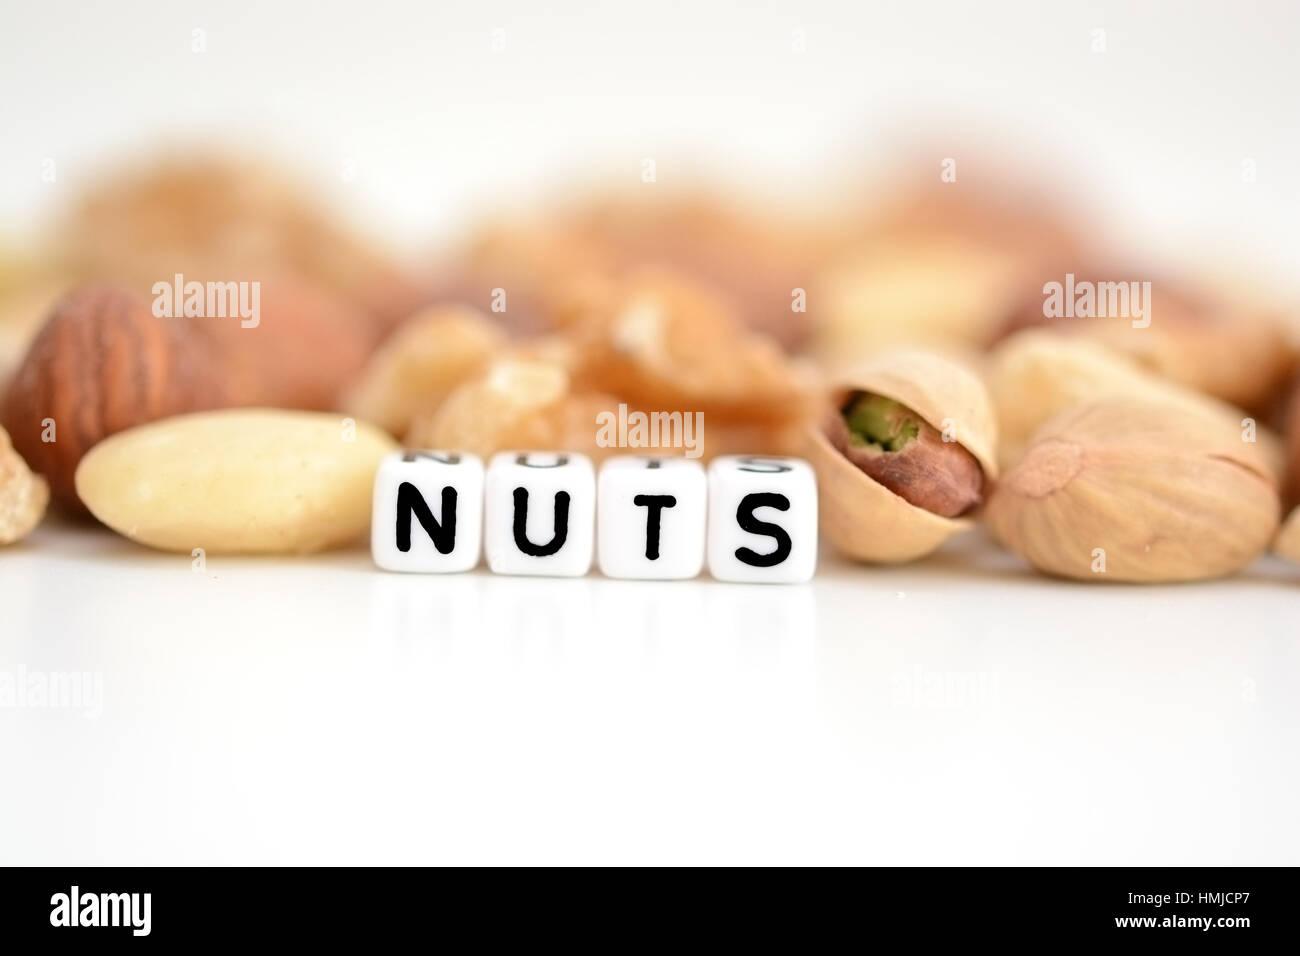 """Mezcla de frutos secos crudos y la palabra """"nueces"""" escrito por carta mosaico beads extendido sobre una mesa blanca Foto de stock"""